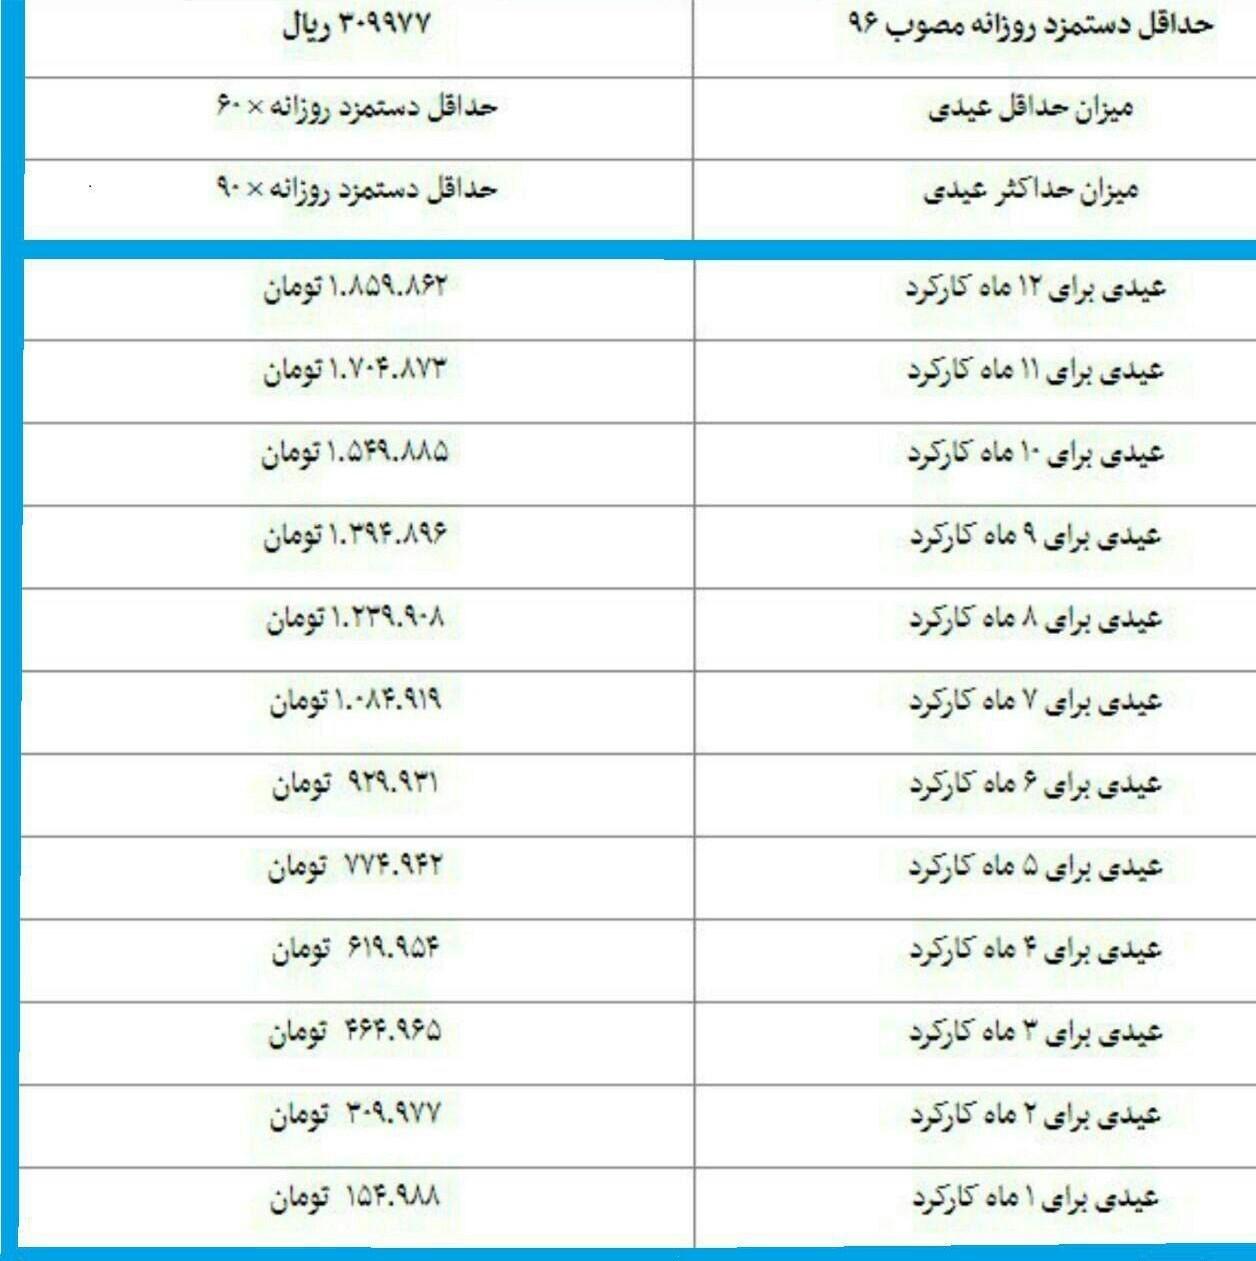 جزئیات عیدی کارگران برای ۱۲ ماه کارکرد+جدول